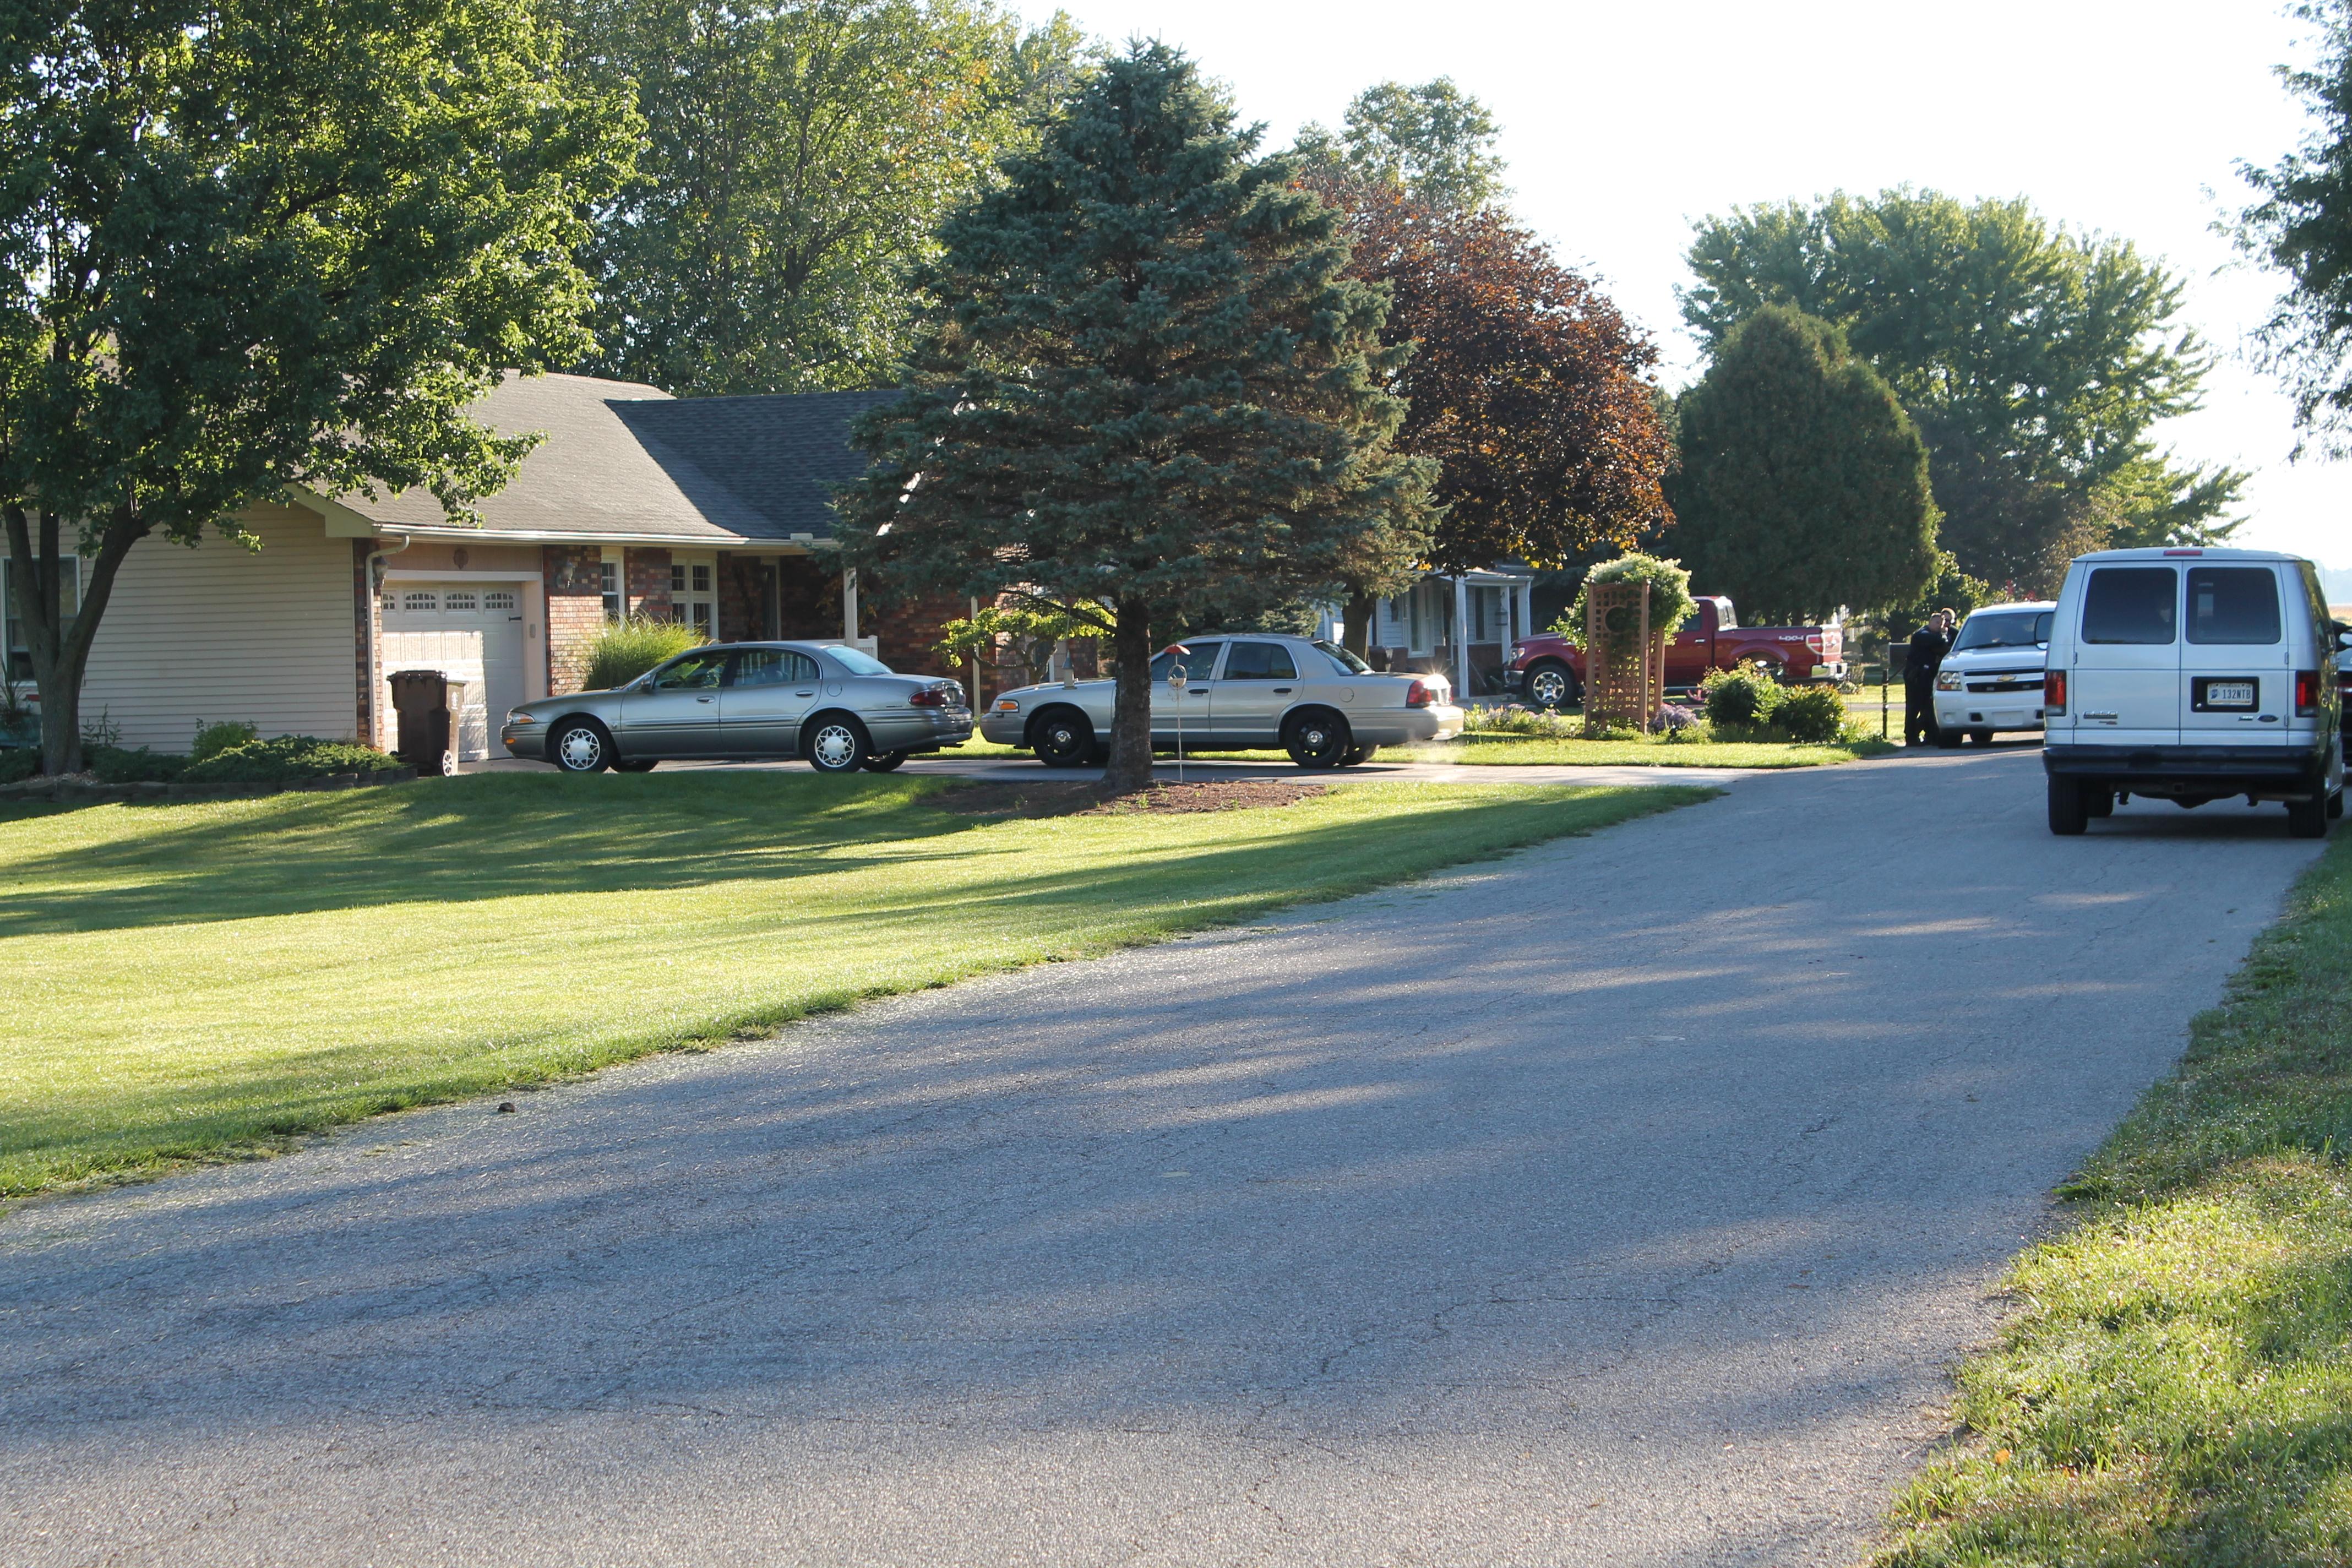 Indiana pulaski county francesville - Indiana Pulaski County Francesville 50